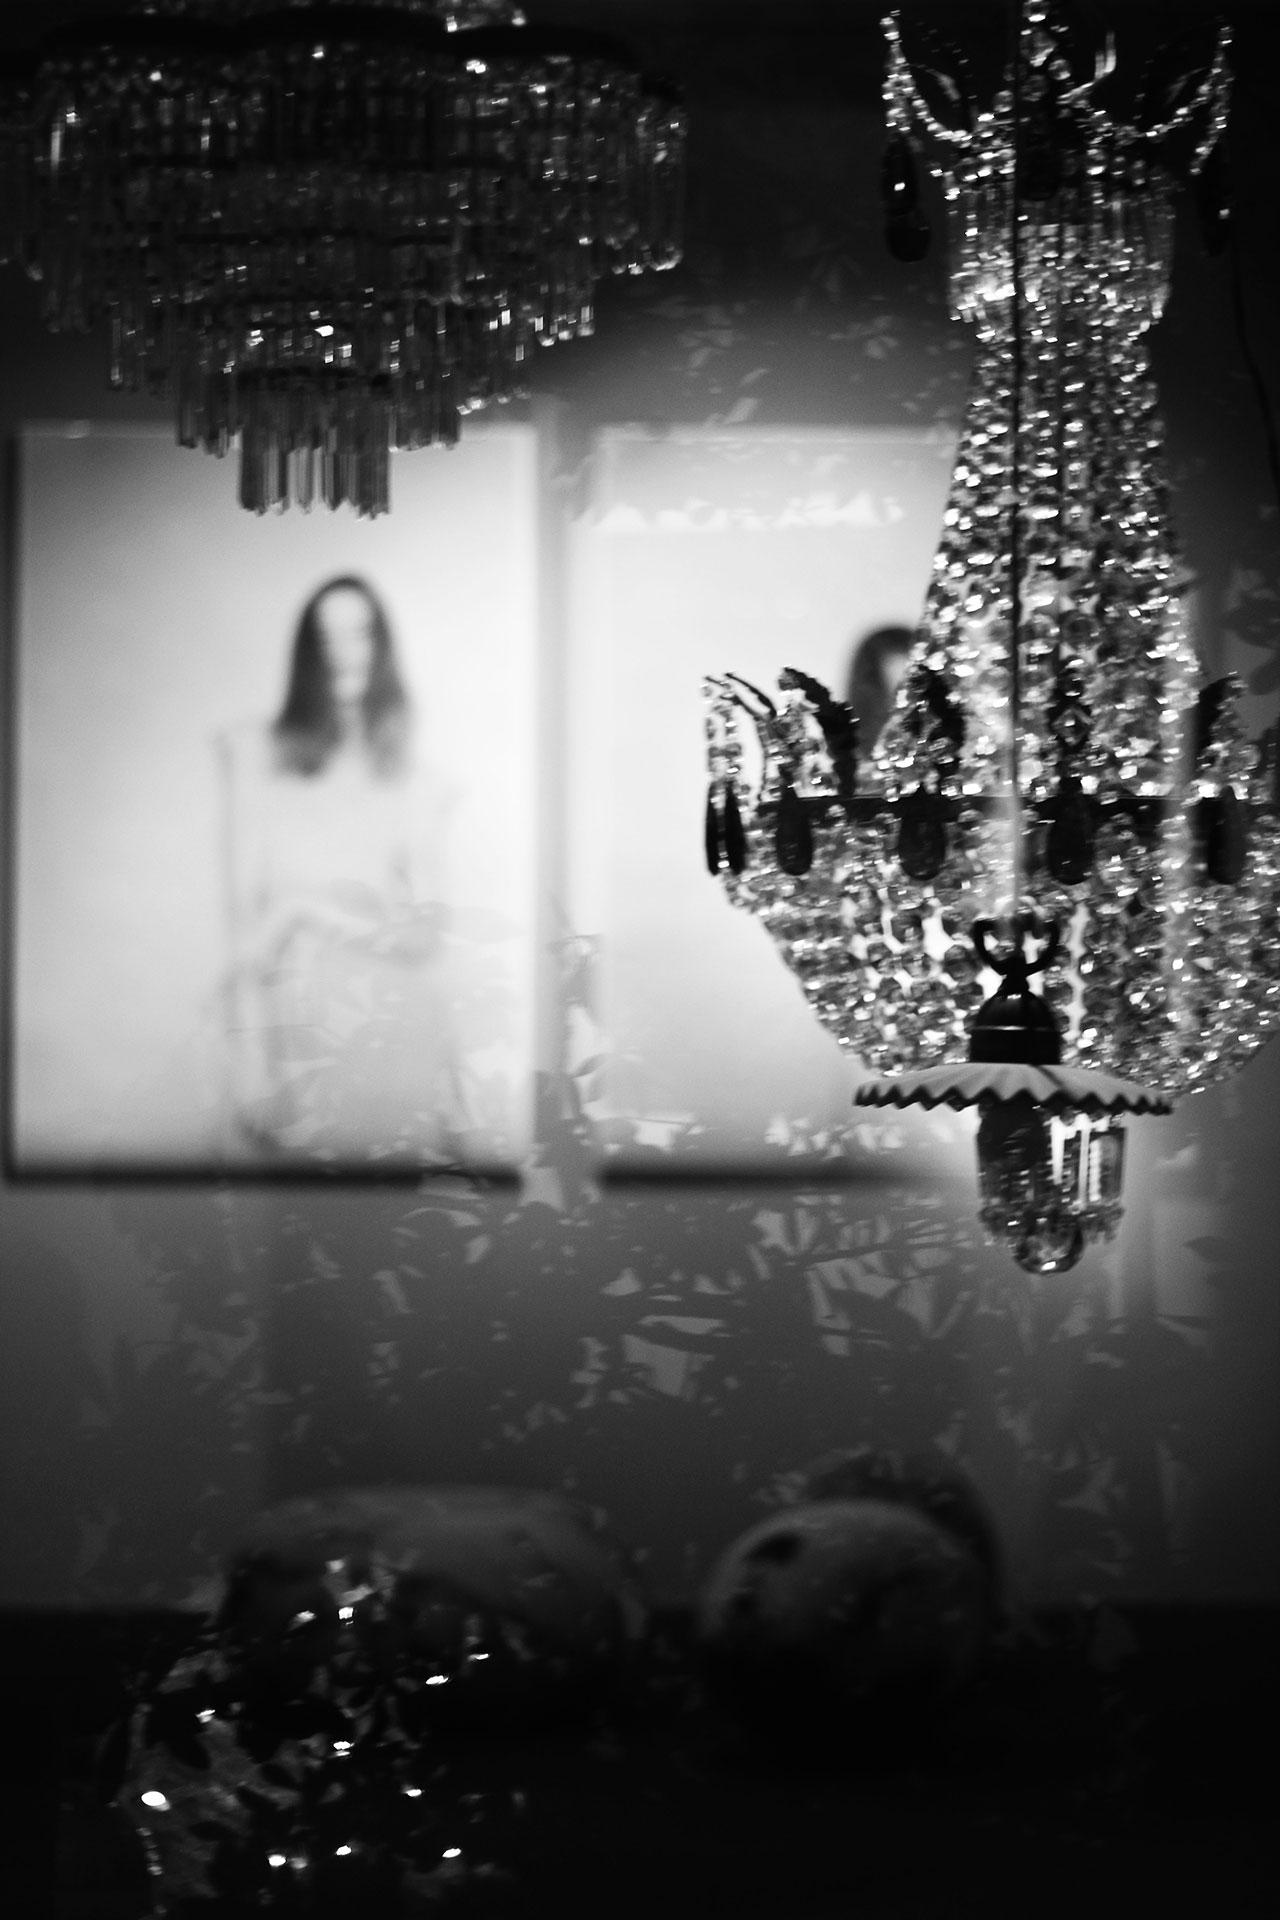 retratos-na-quattro-(29)